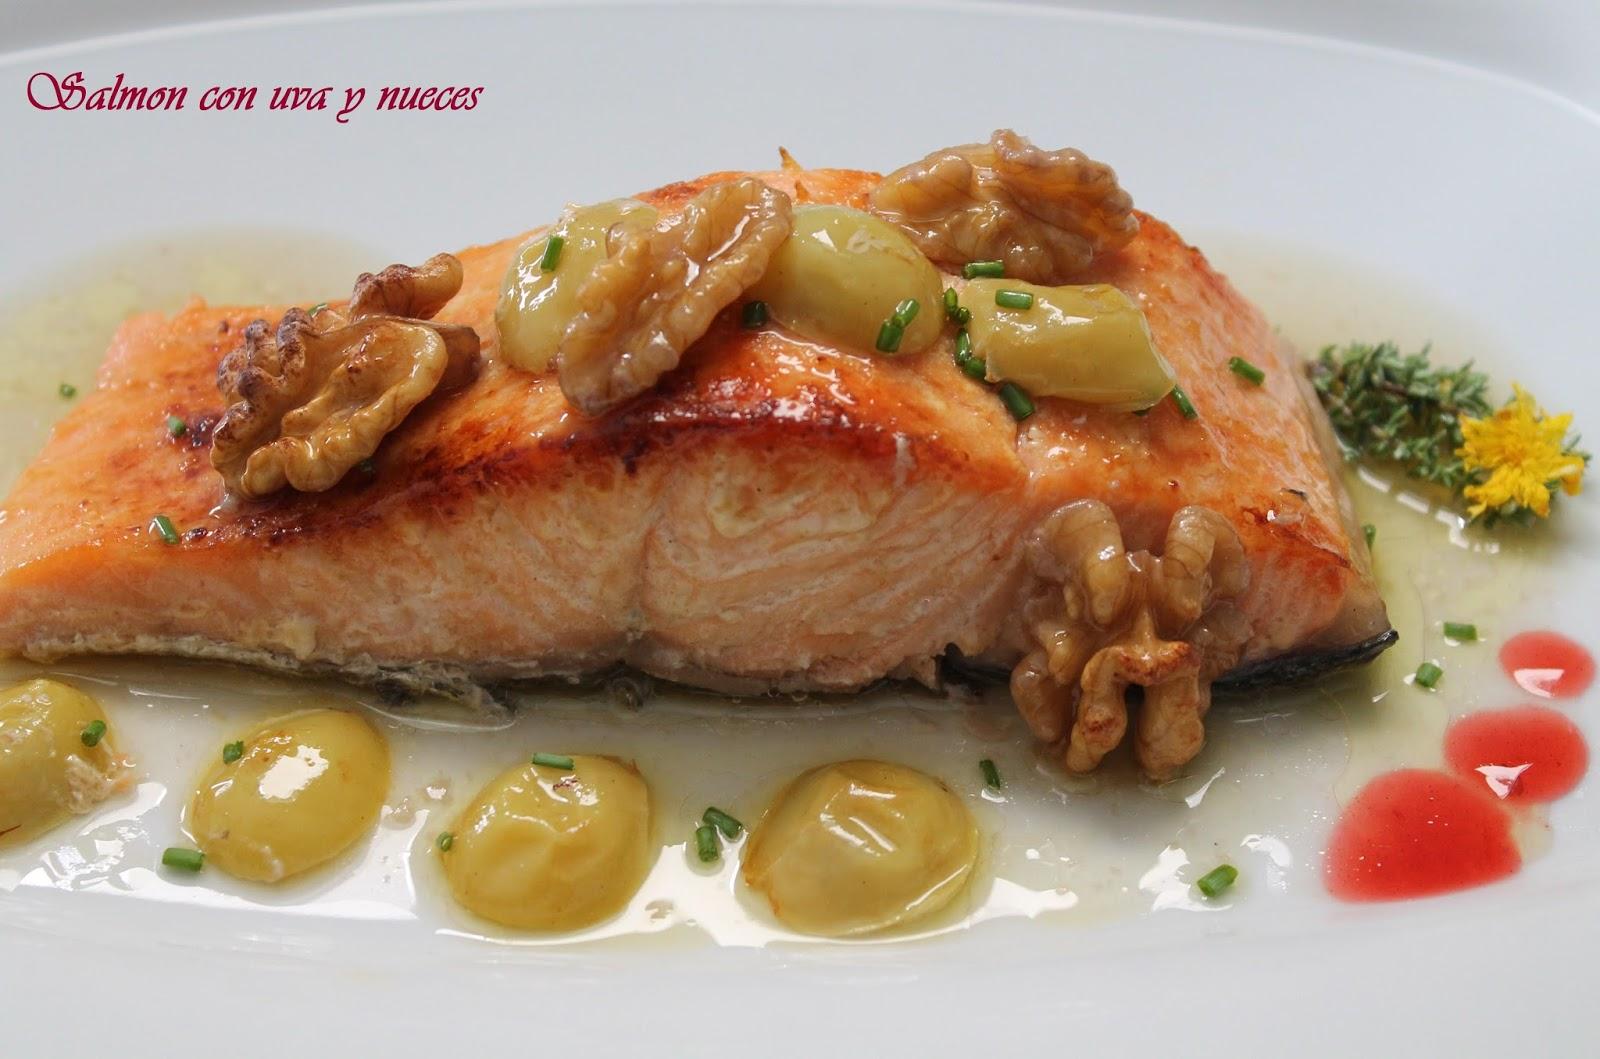 http://bilyrecetas.blogspot.com.es/2013/09/salmon-con-uva-y-nueces.html